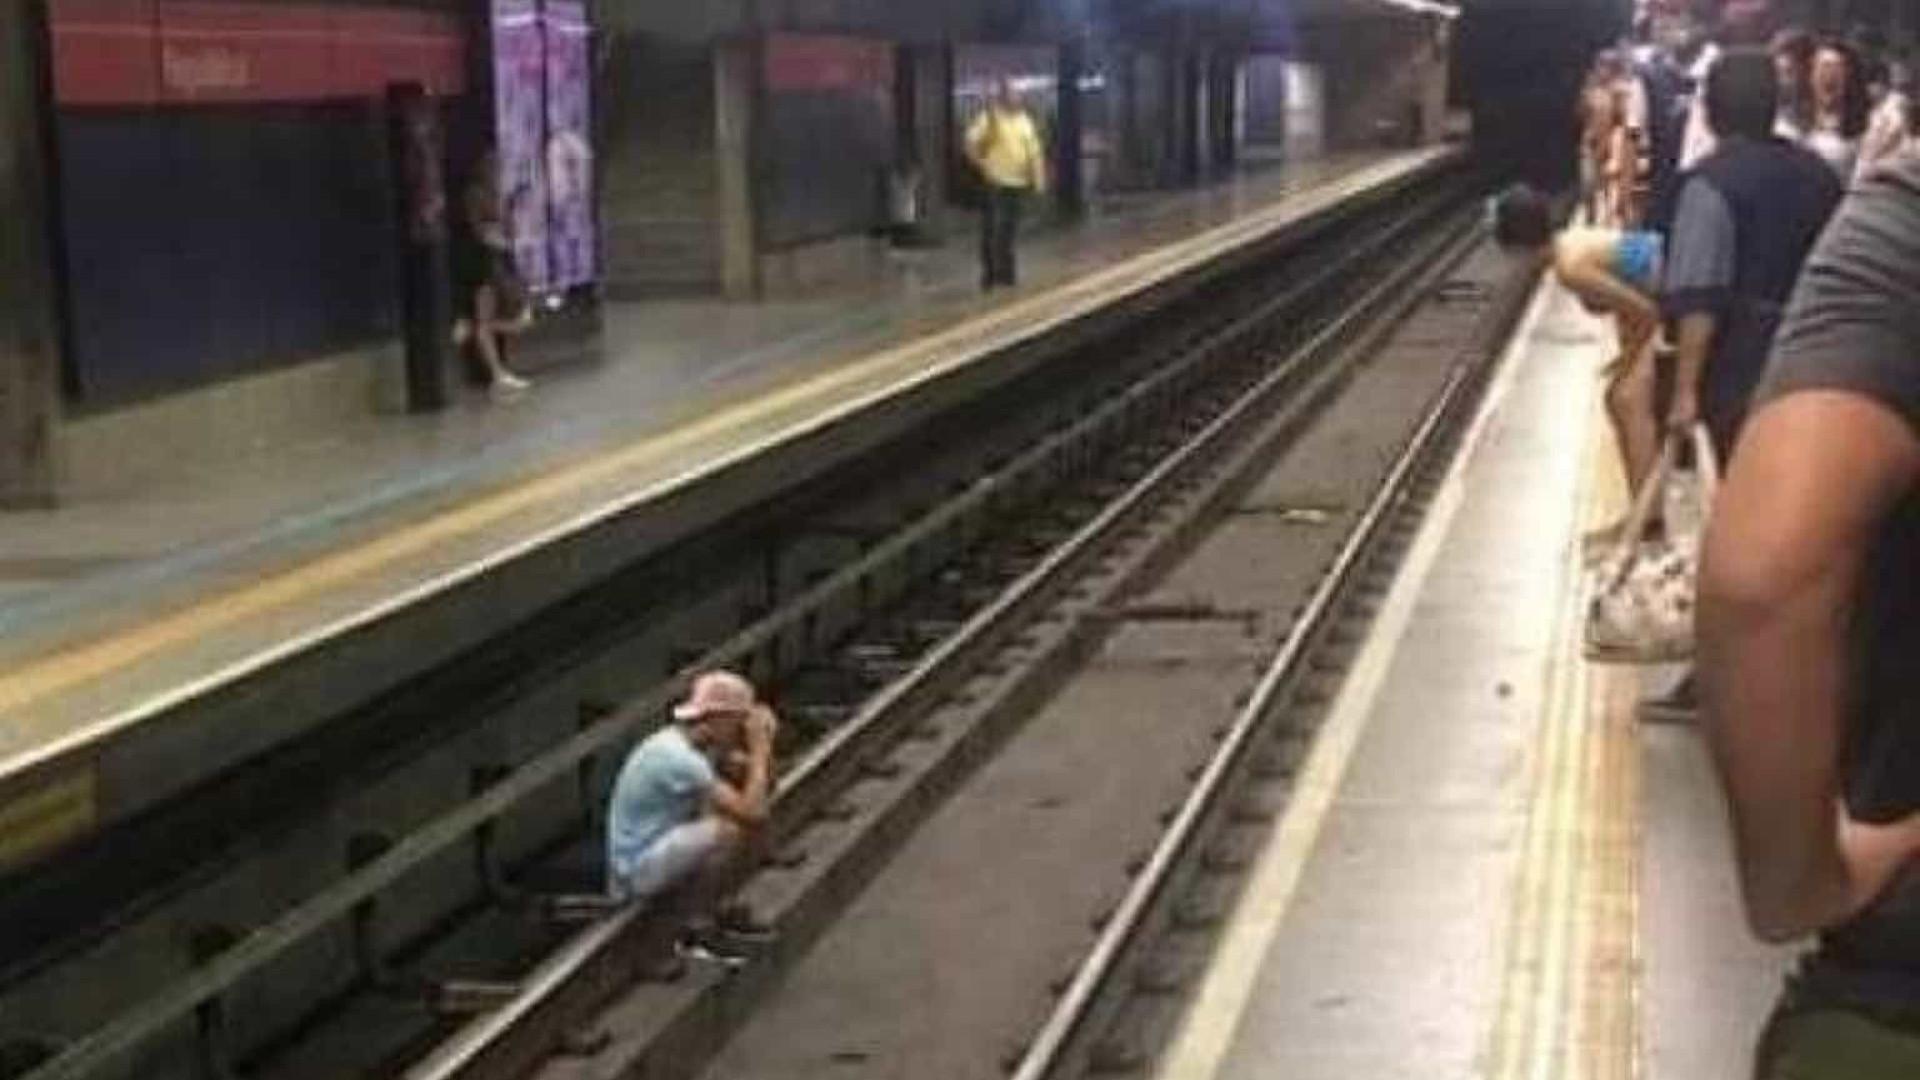 Homem é agredido por seguranças após sair de trilhos do metrô de SP